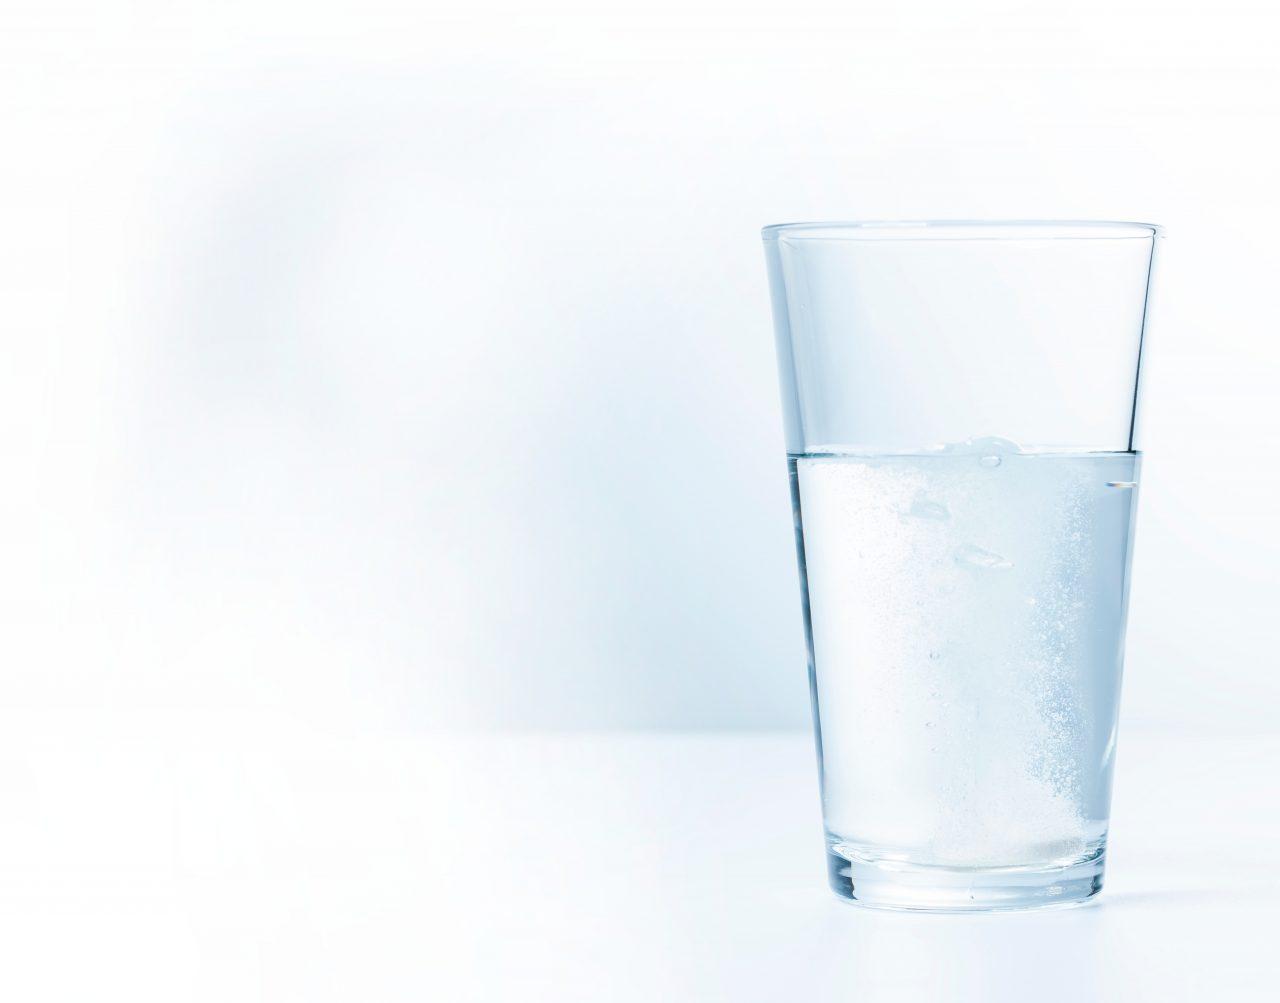 Ioniseur sur comptoir, Ioniseurs d'eau sur comptoir, Aqualife.ca